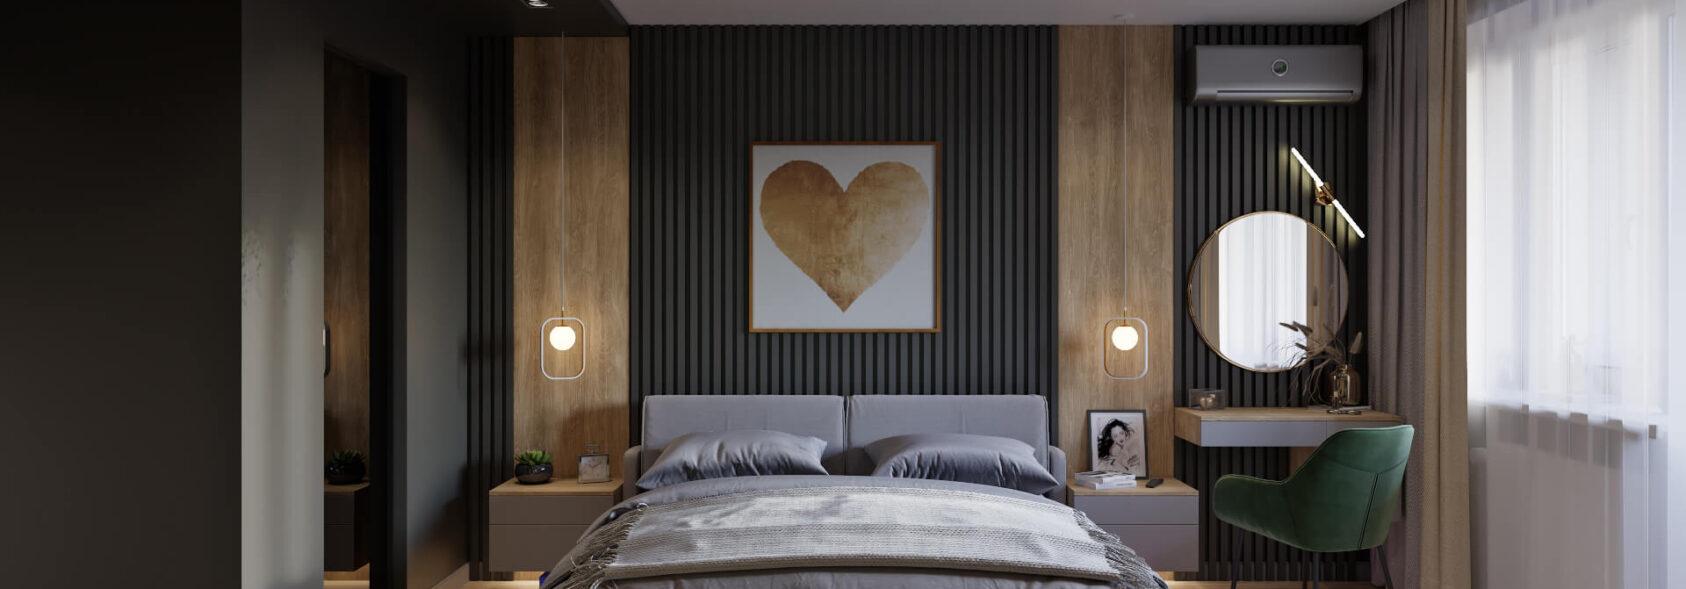 Дизайн трехкомнатной квартиры Днепр спальня